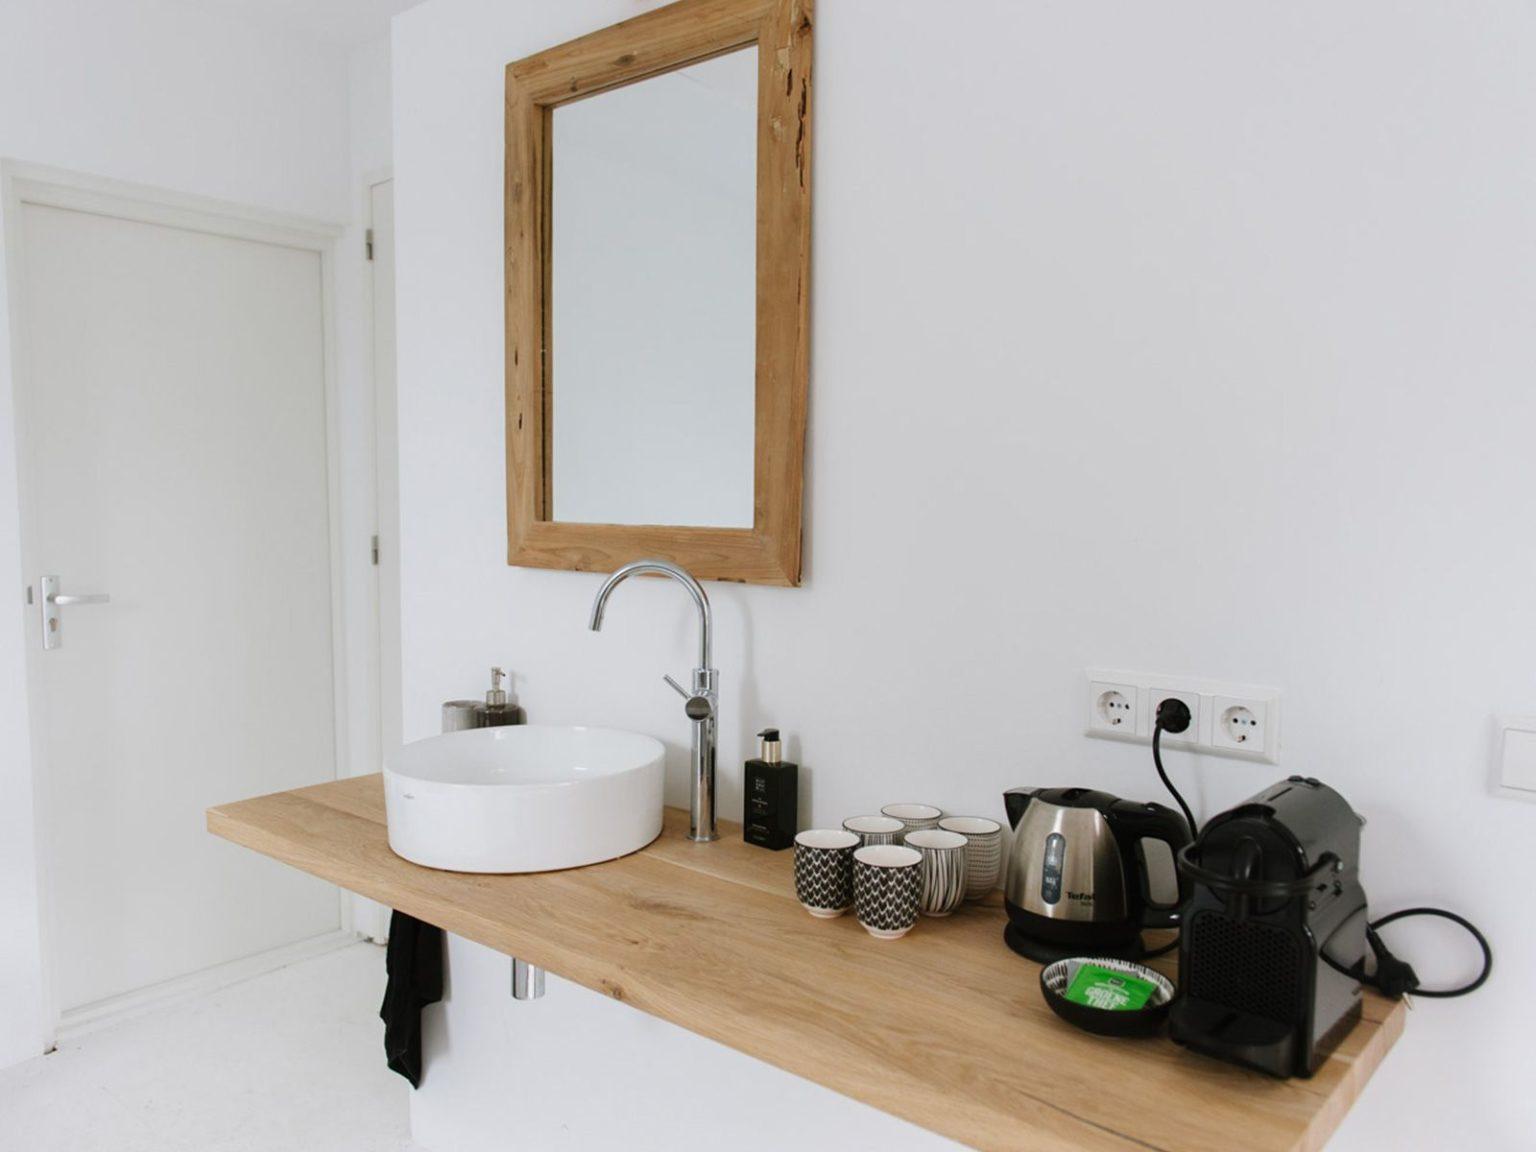 bijgroengeluk-beelden-accommodatie-accommodation-kaasstudio-studio-studio-03-kaasstudio-1